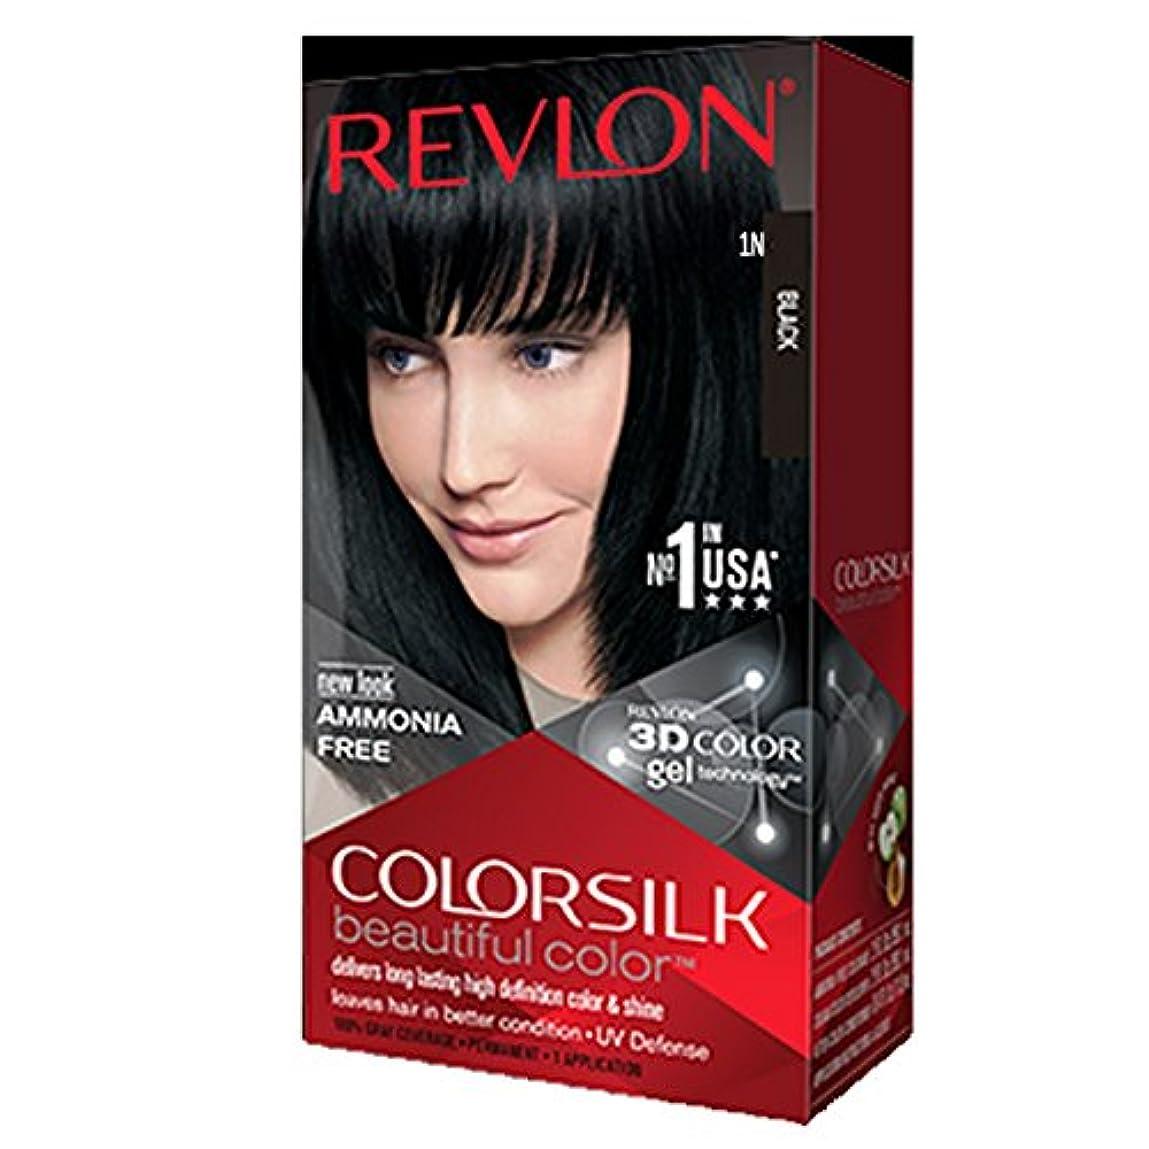 衛星剣科学的Revlon Colorsilk Hair Color with 3D Color Gel Technology Black 1N